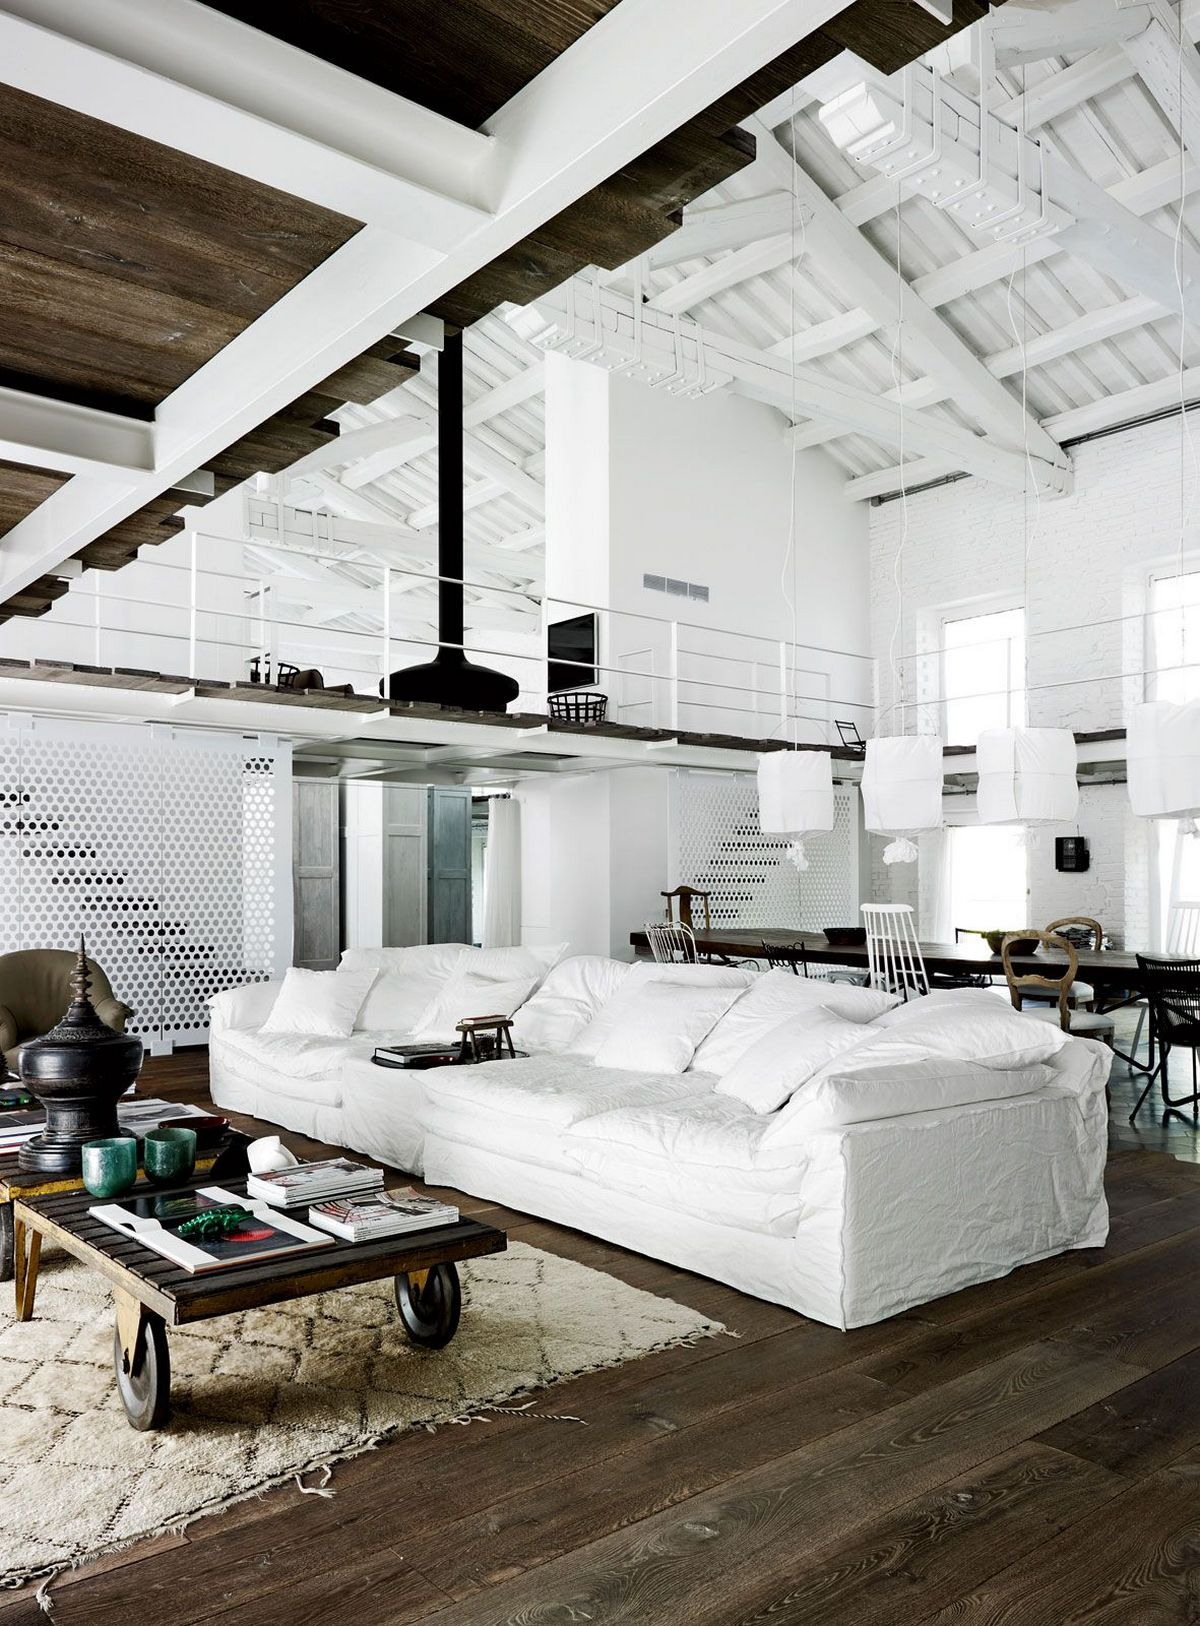 индустриальный стиль в интерьере светлой городской квартиры